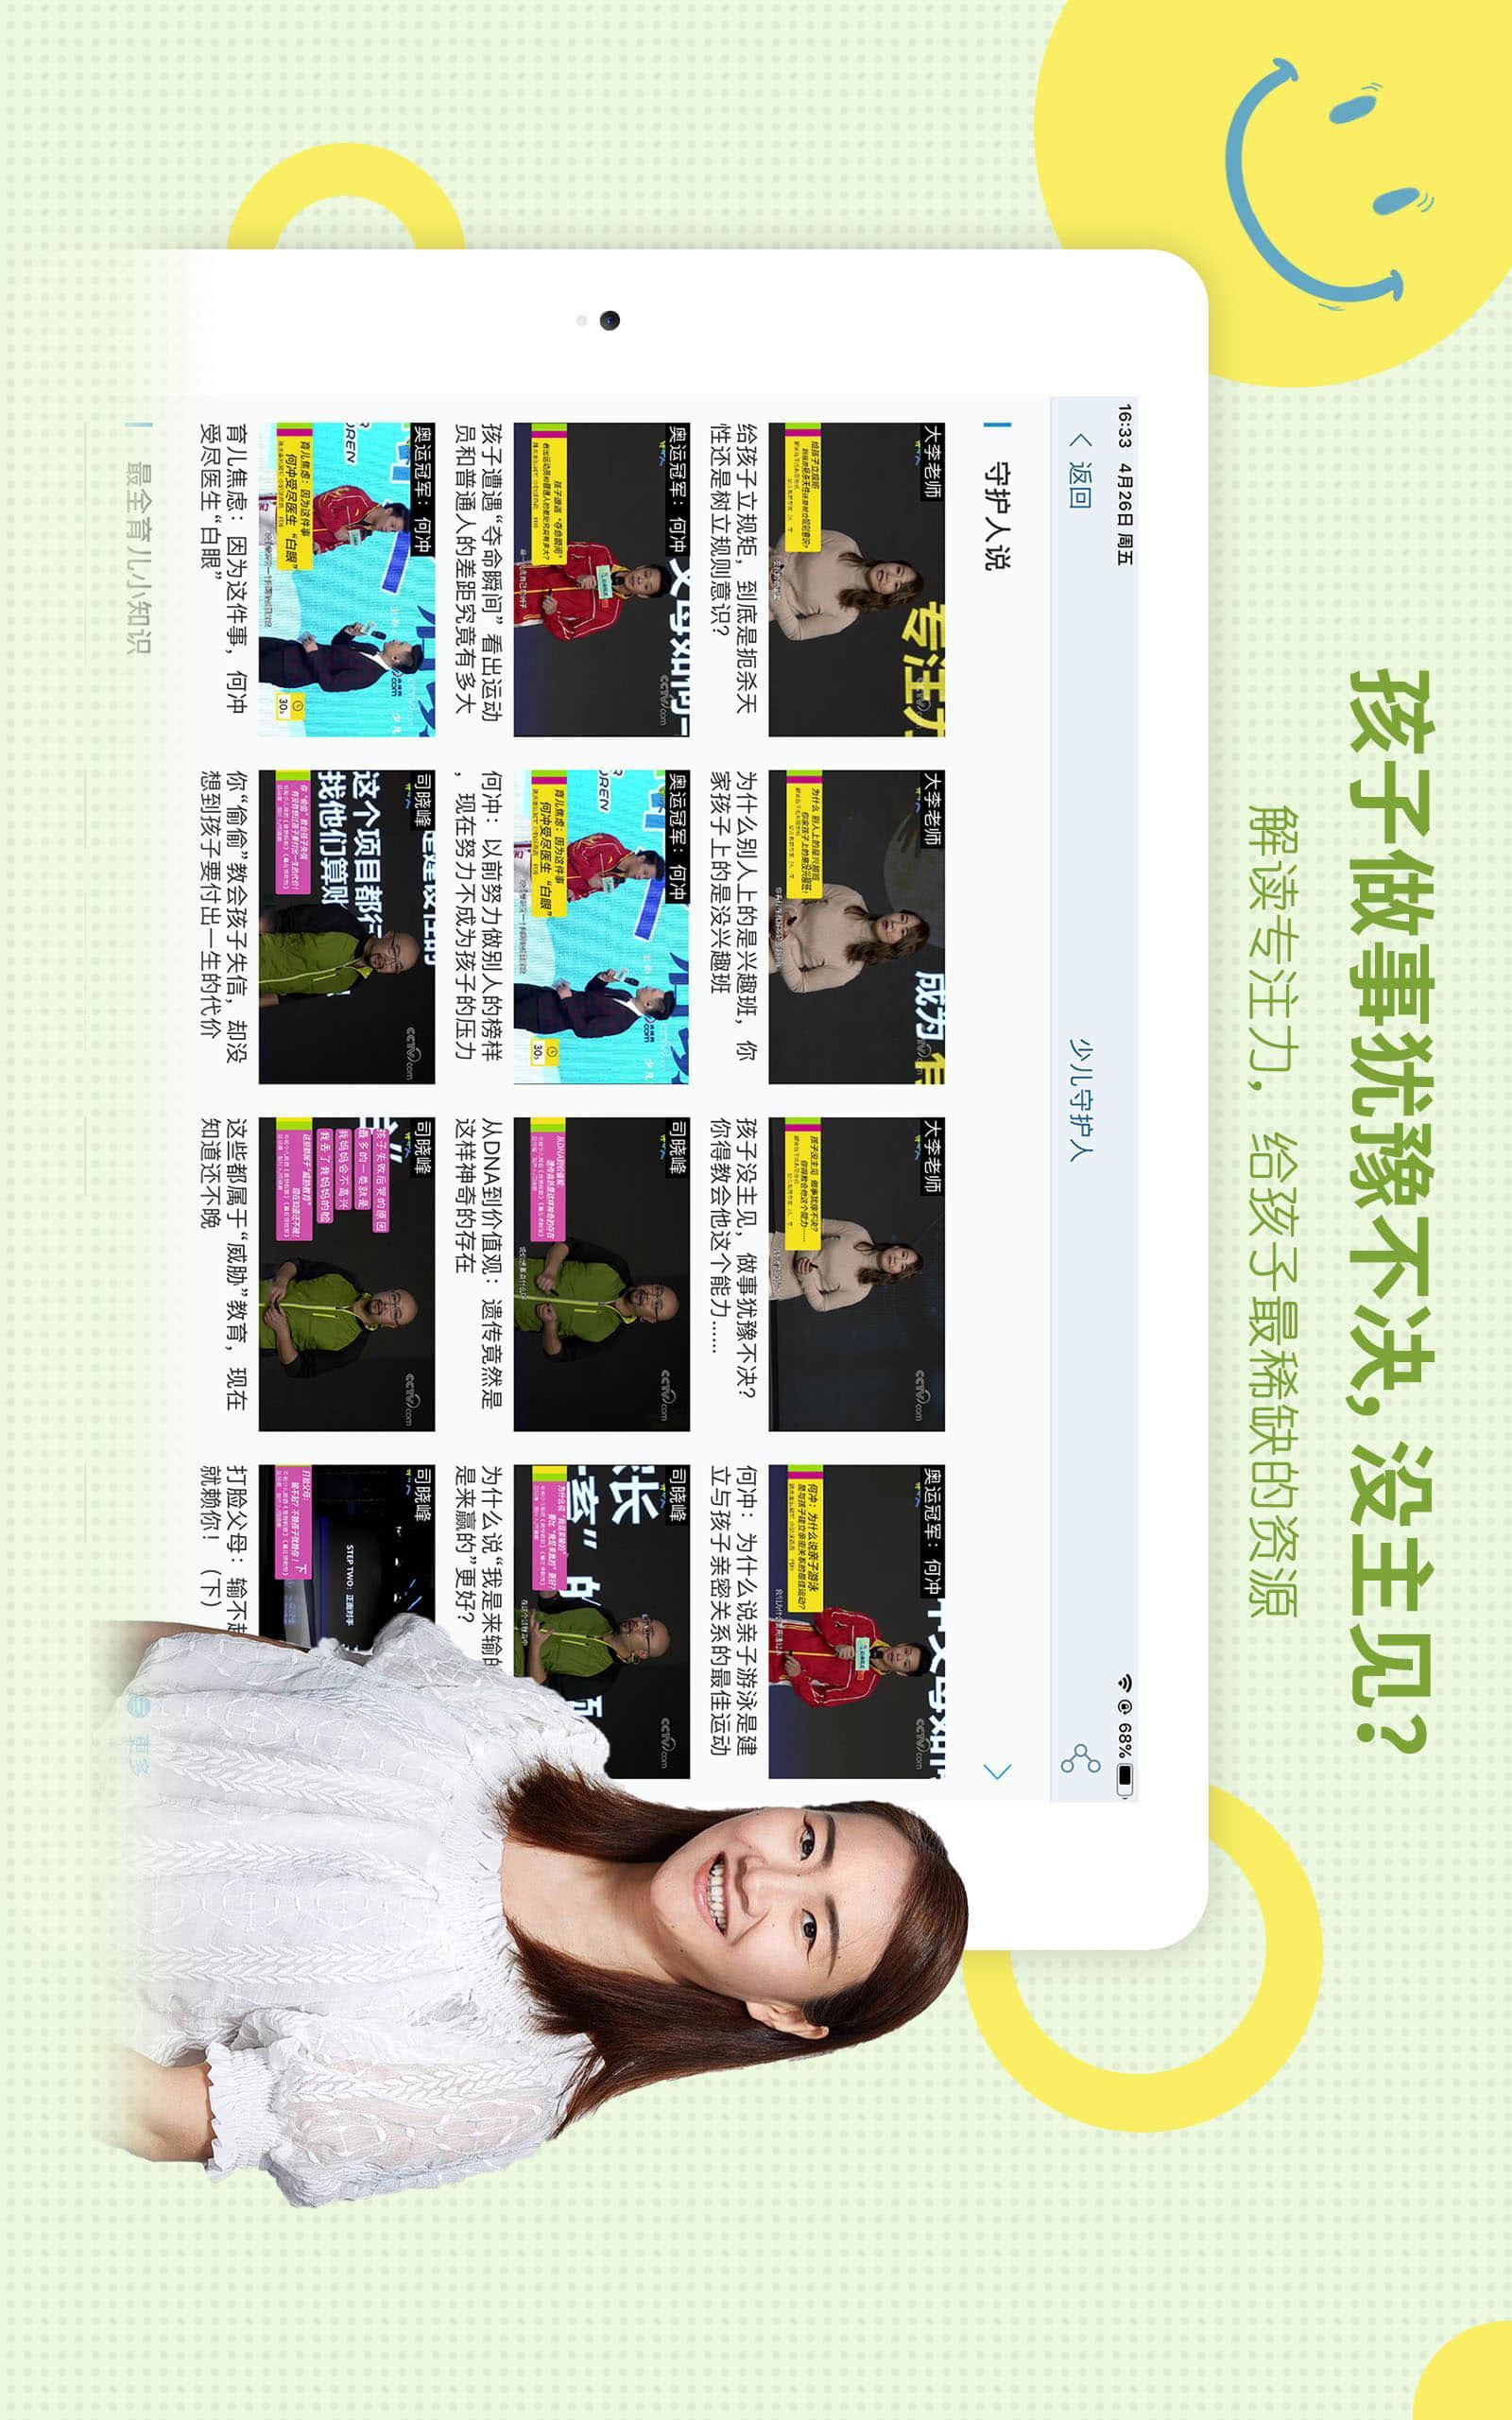 央视影音HD软件截图0